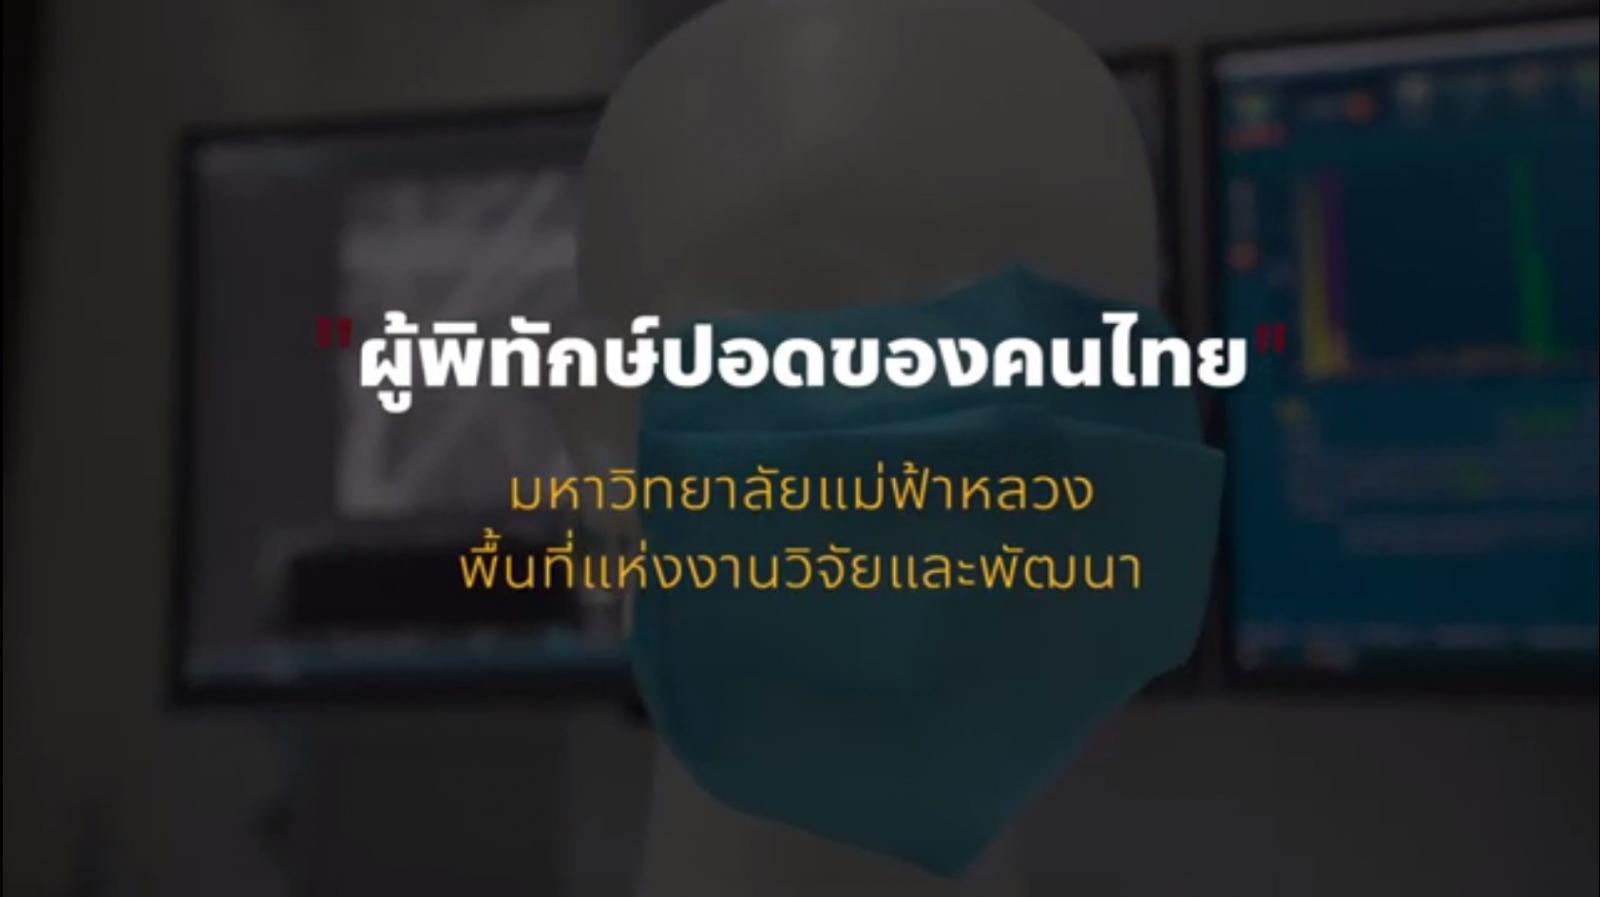 """""""ผู้พิทักษ์ปอดของคนไทย"""" ซีรีส์ มหาวิทยาลัยแม่ฟ้าหลวงพื้นที่แห่งการทำงานวิจัยและพัฒนา จัดทำโดยส่วนประชาสัมพันธ์ มฟล"""